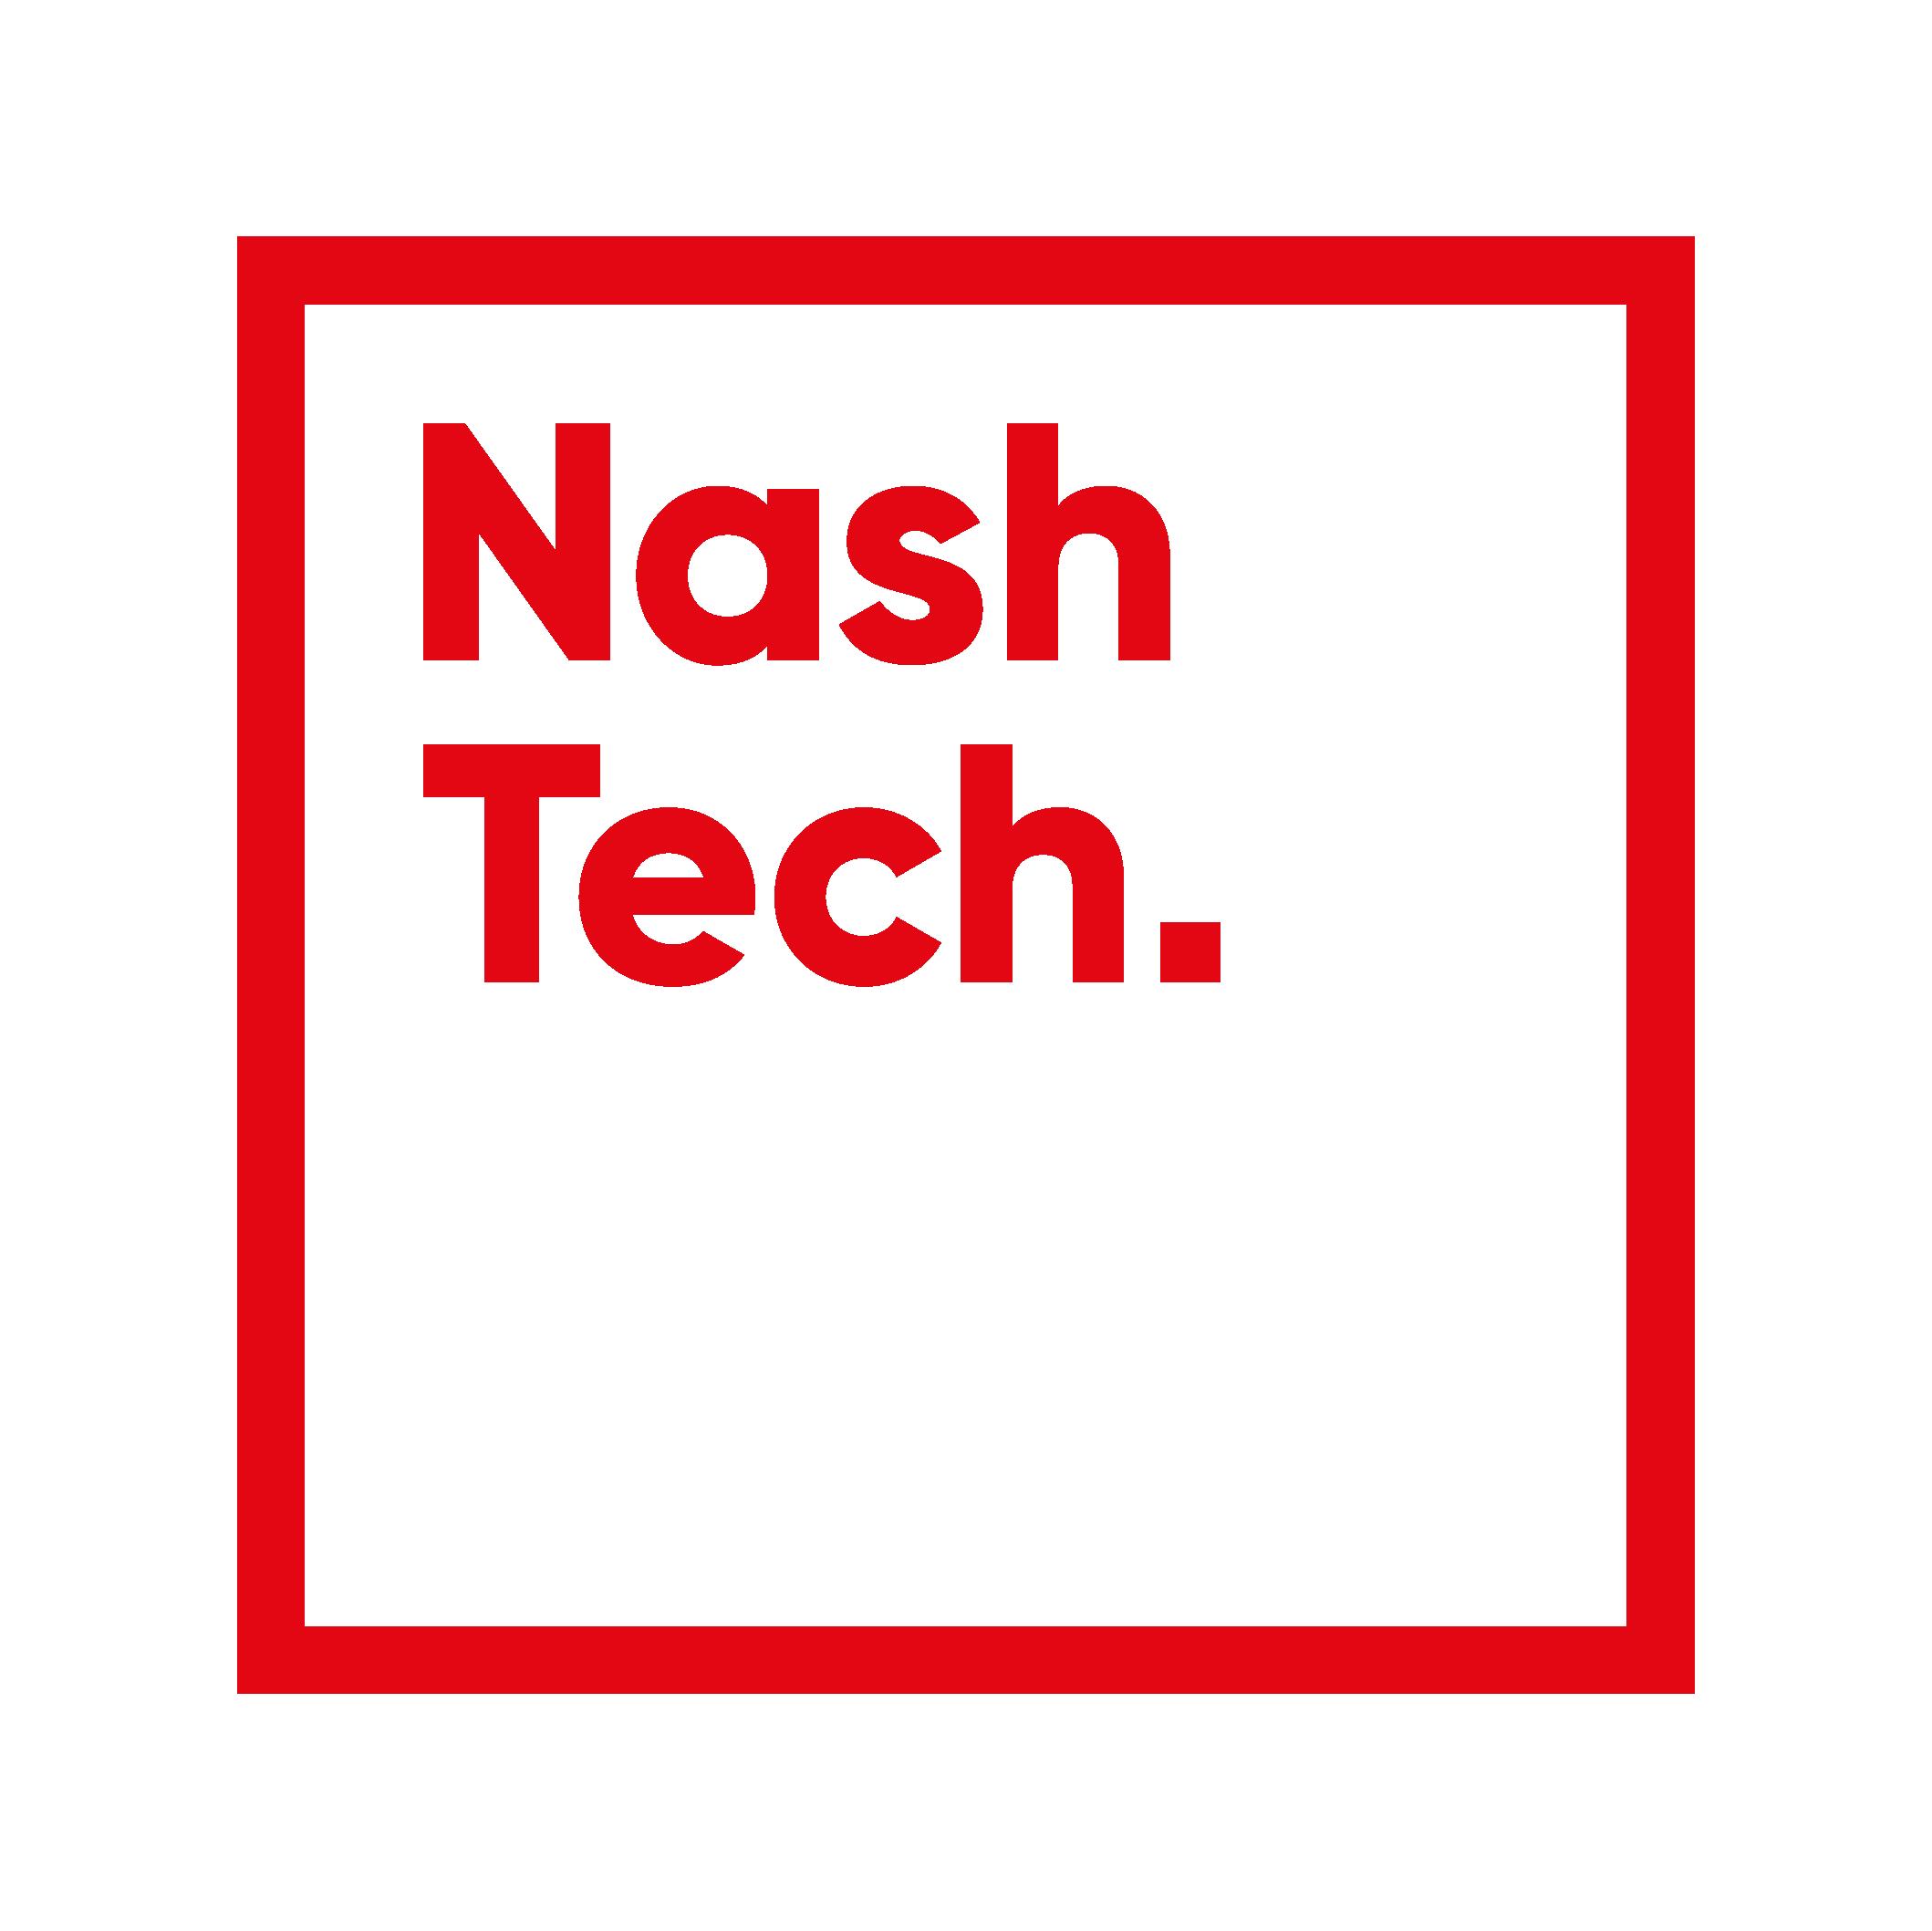 Nash Tech Logo